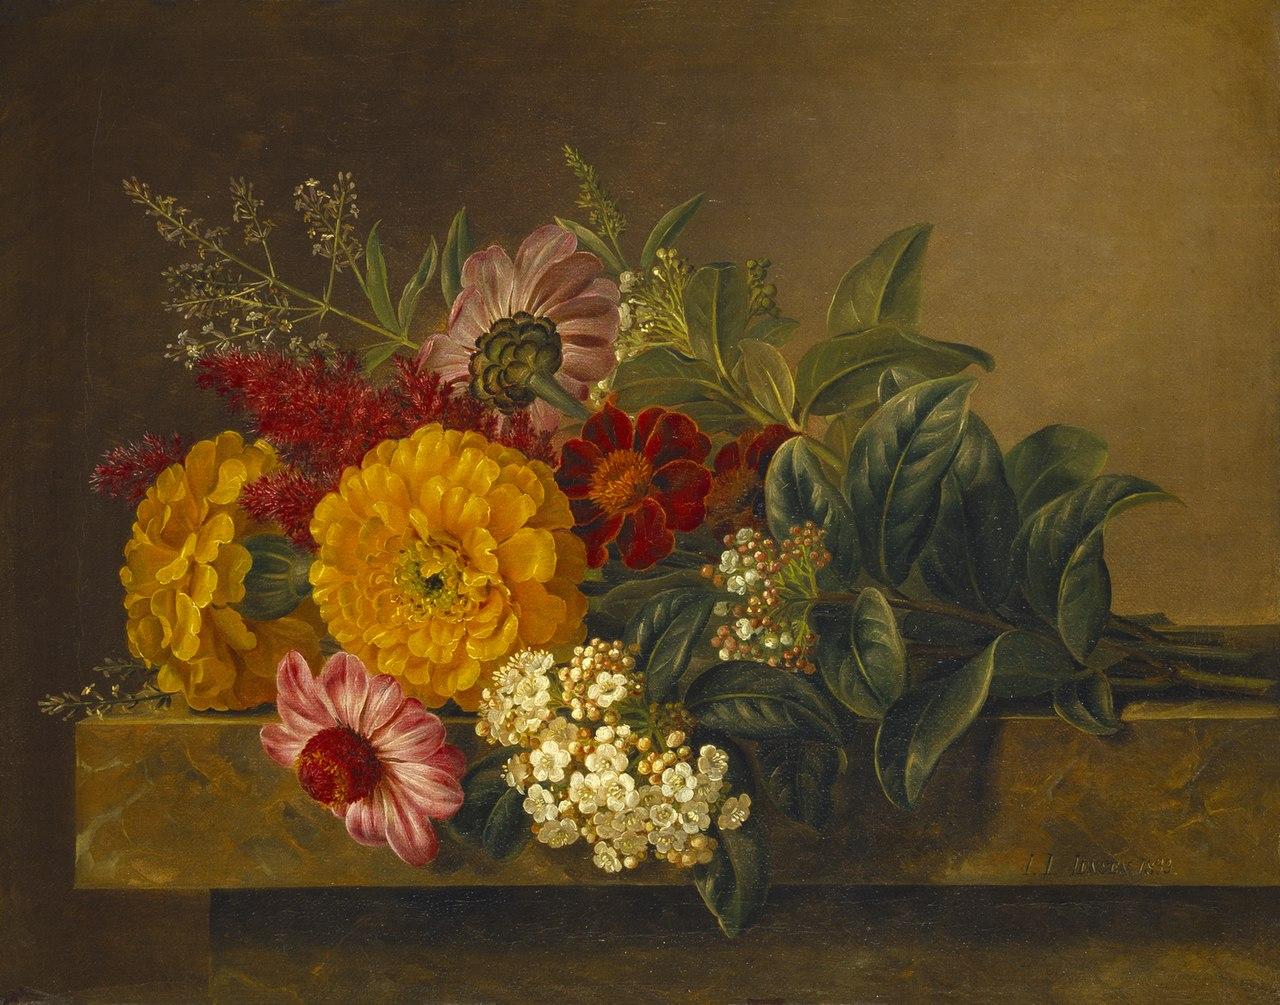 J.L. Jensen, Nature morte med blomster på en marmorbordplade, 1833, B230, Thorvaldsens Museum.jpg